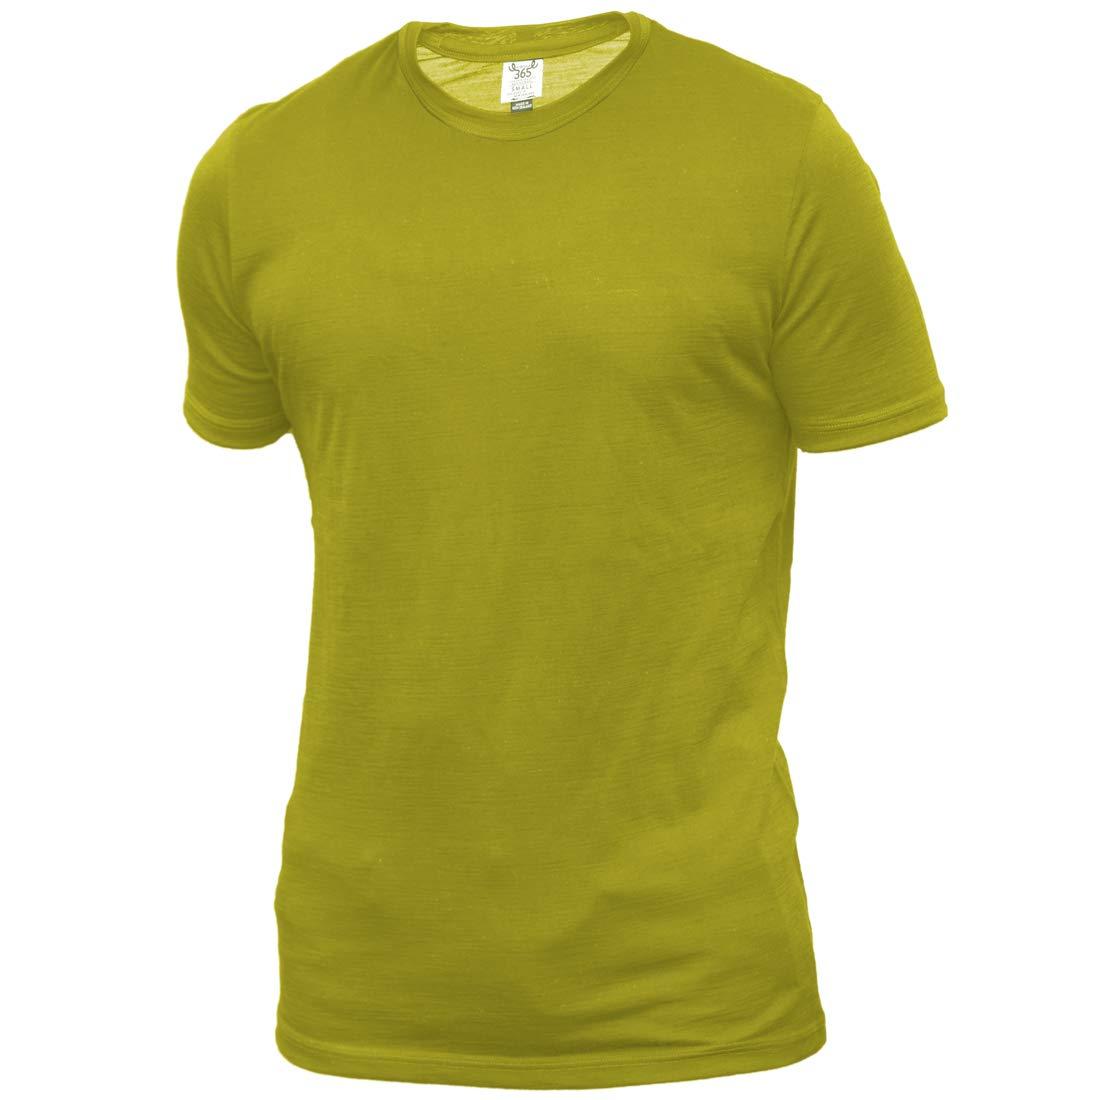 Merino 365 Men's Crew Short Sleeve X-Large, Green Moss by Merino 365